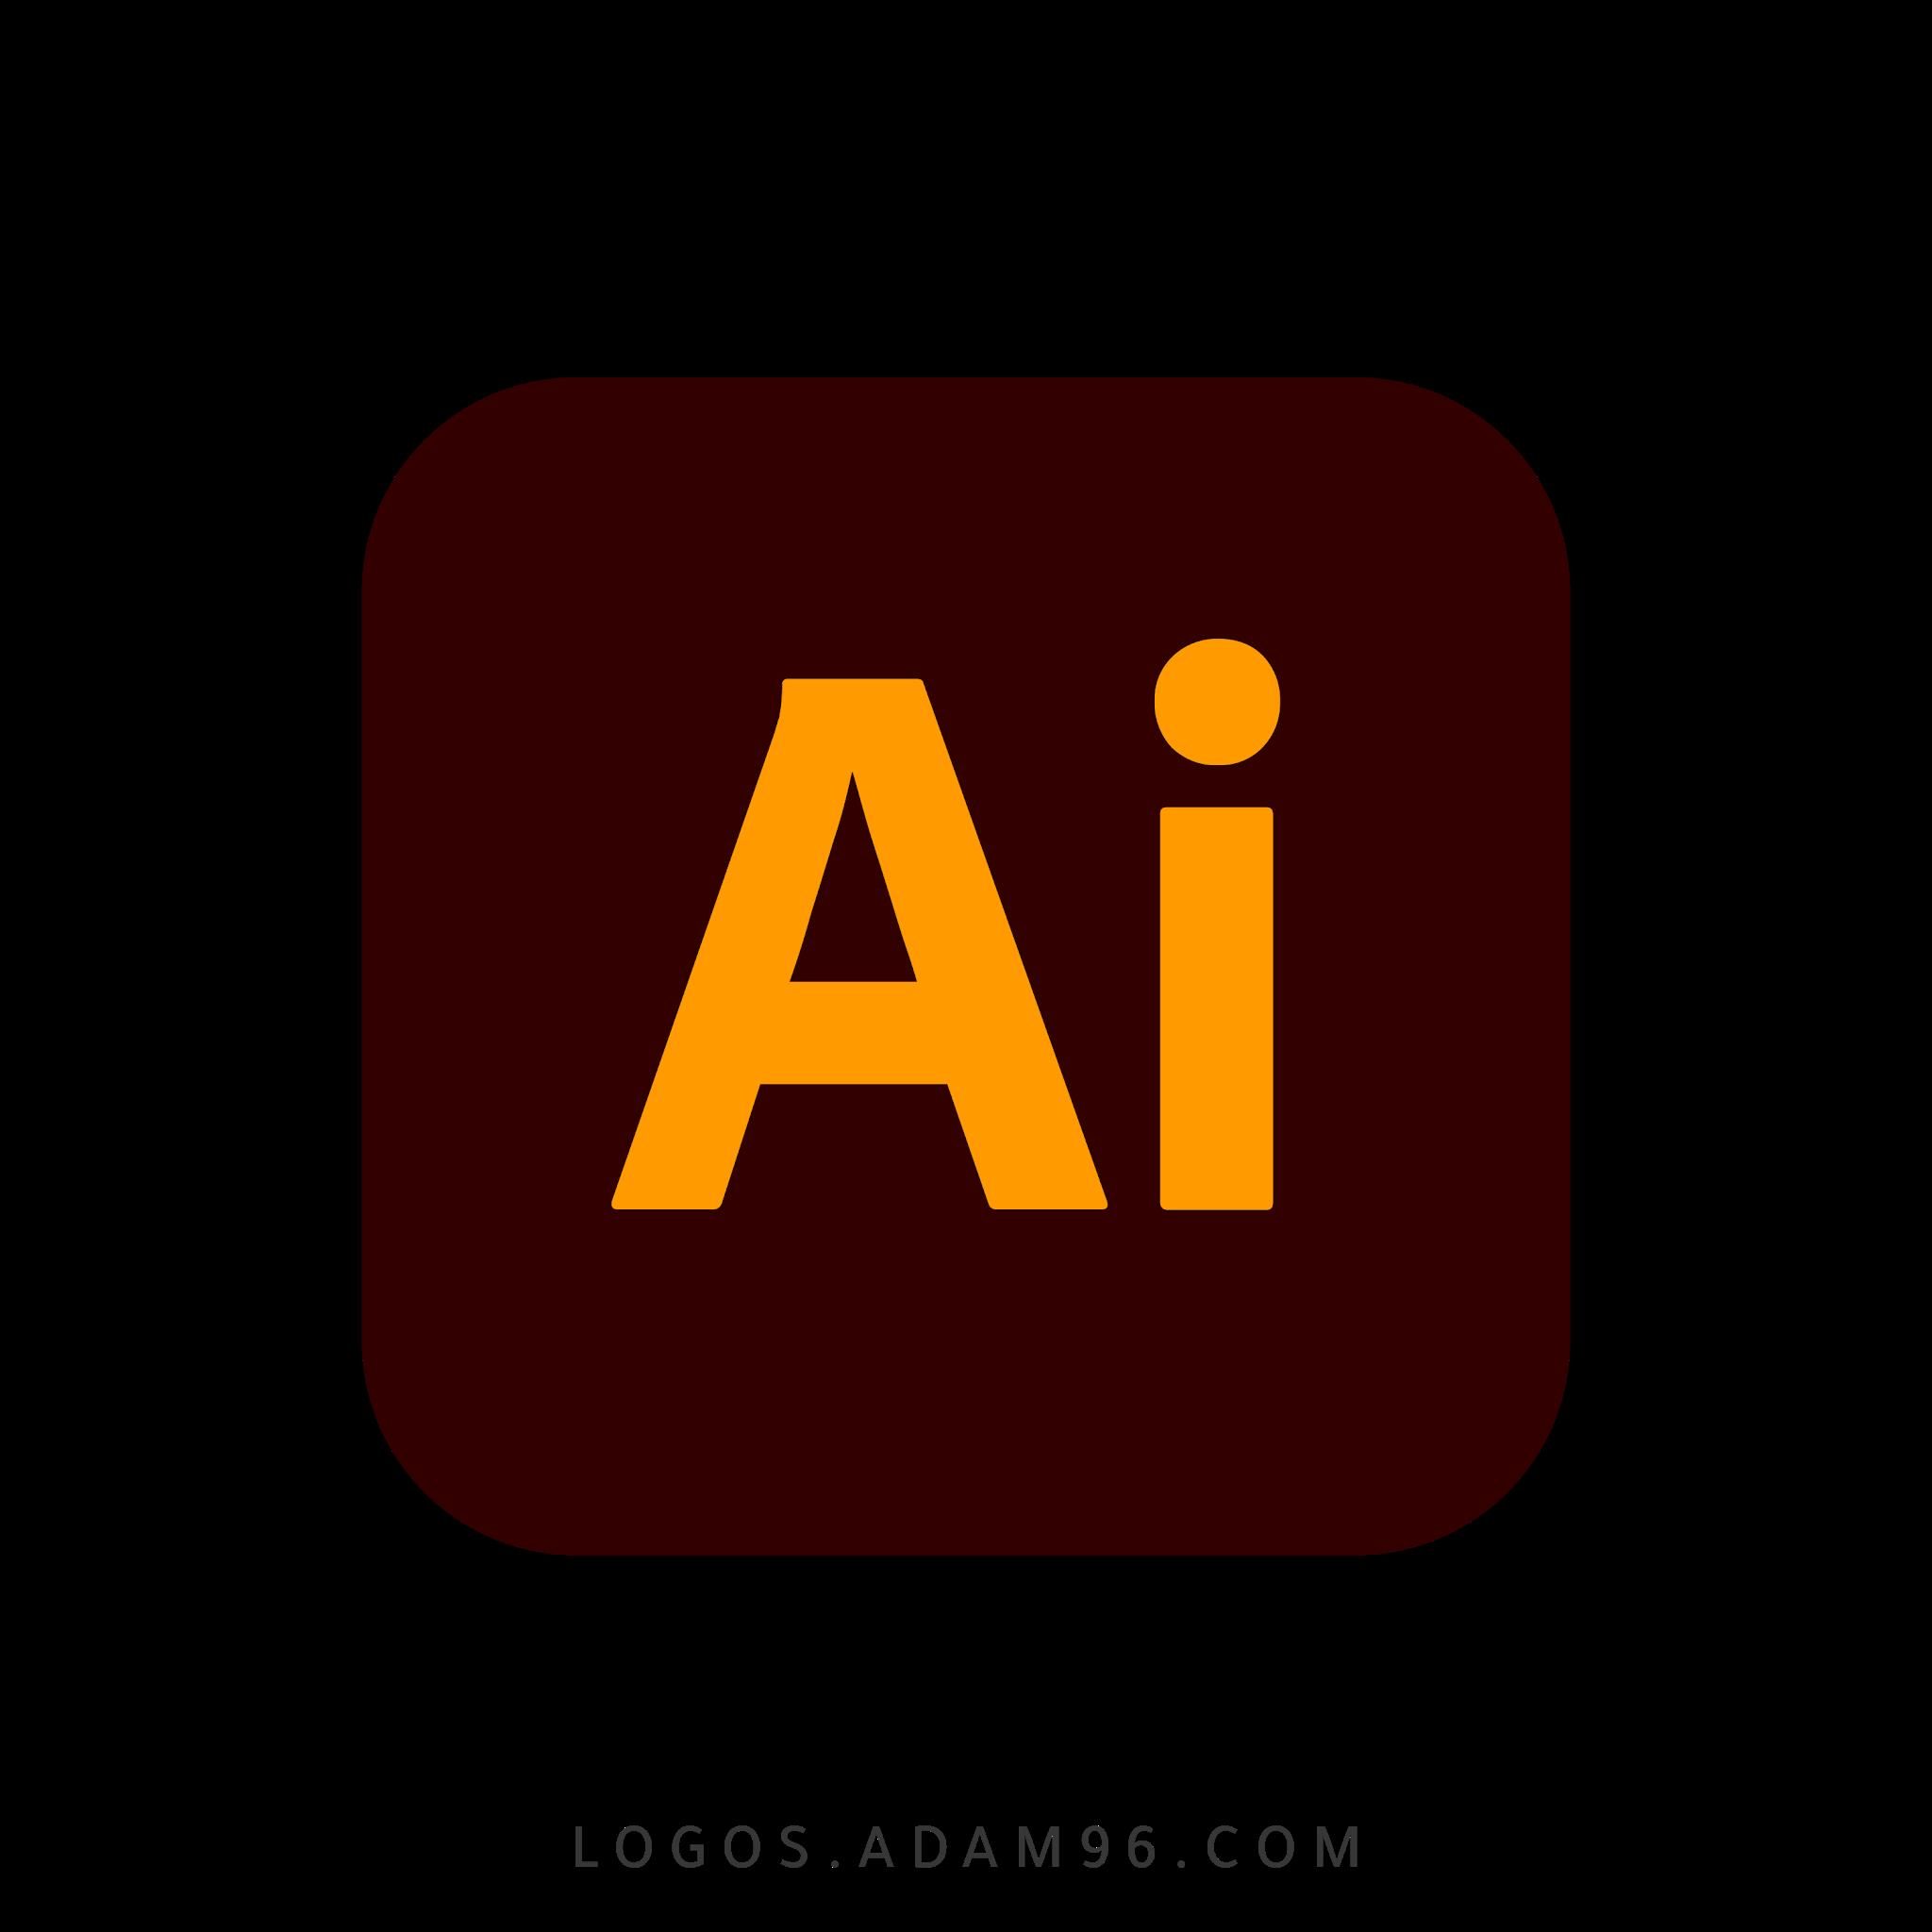 تحميل شعار أدوبي إليستريتور لوجو رسمي عالي الجودة PNG